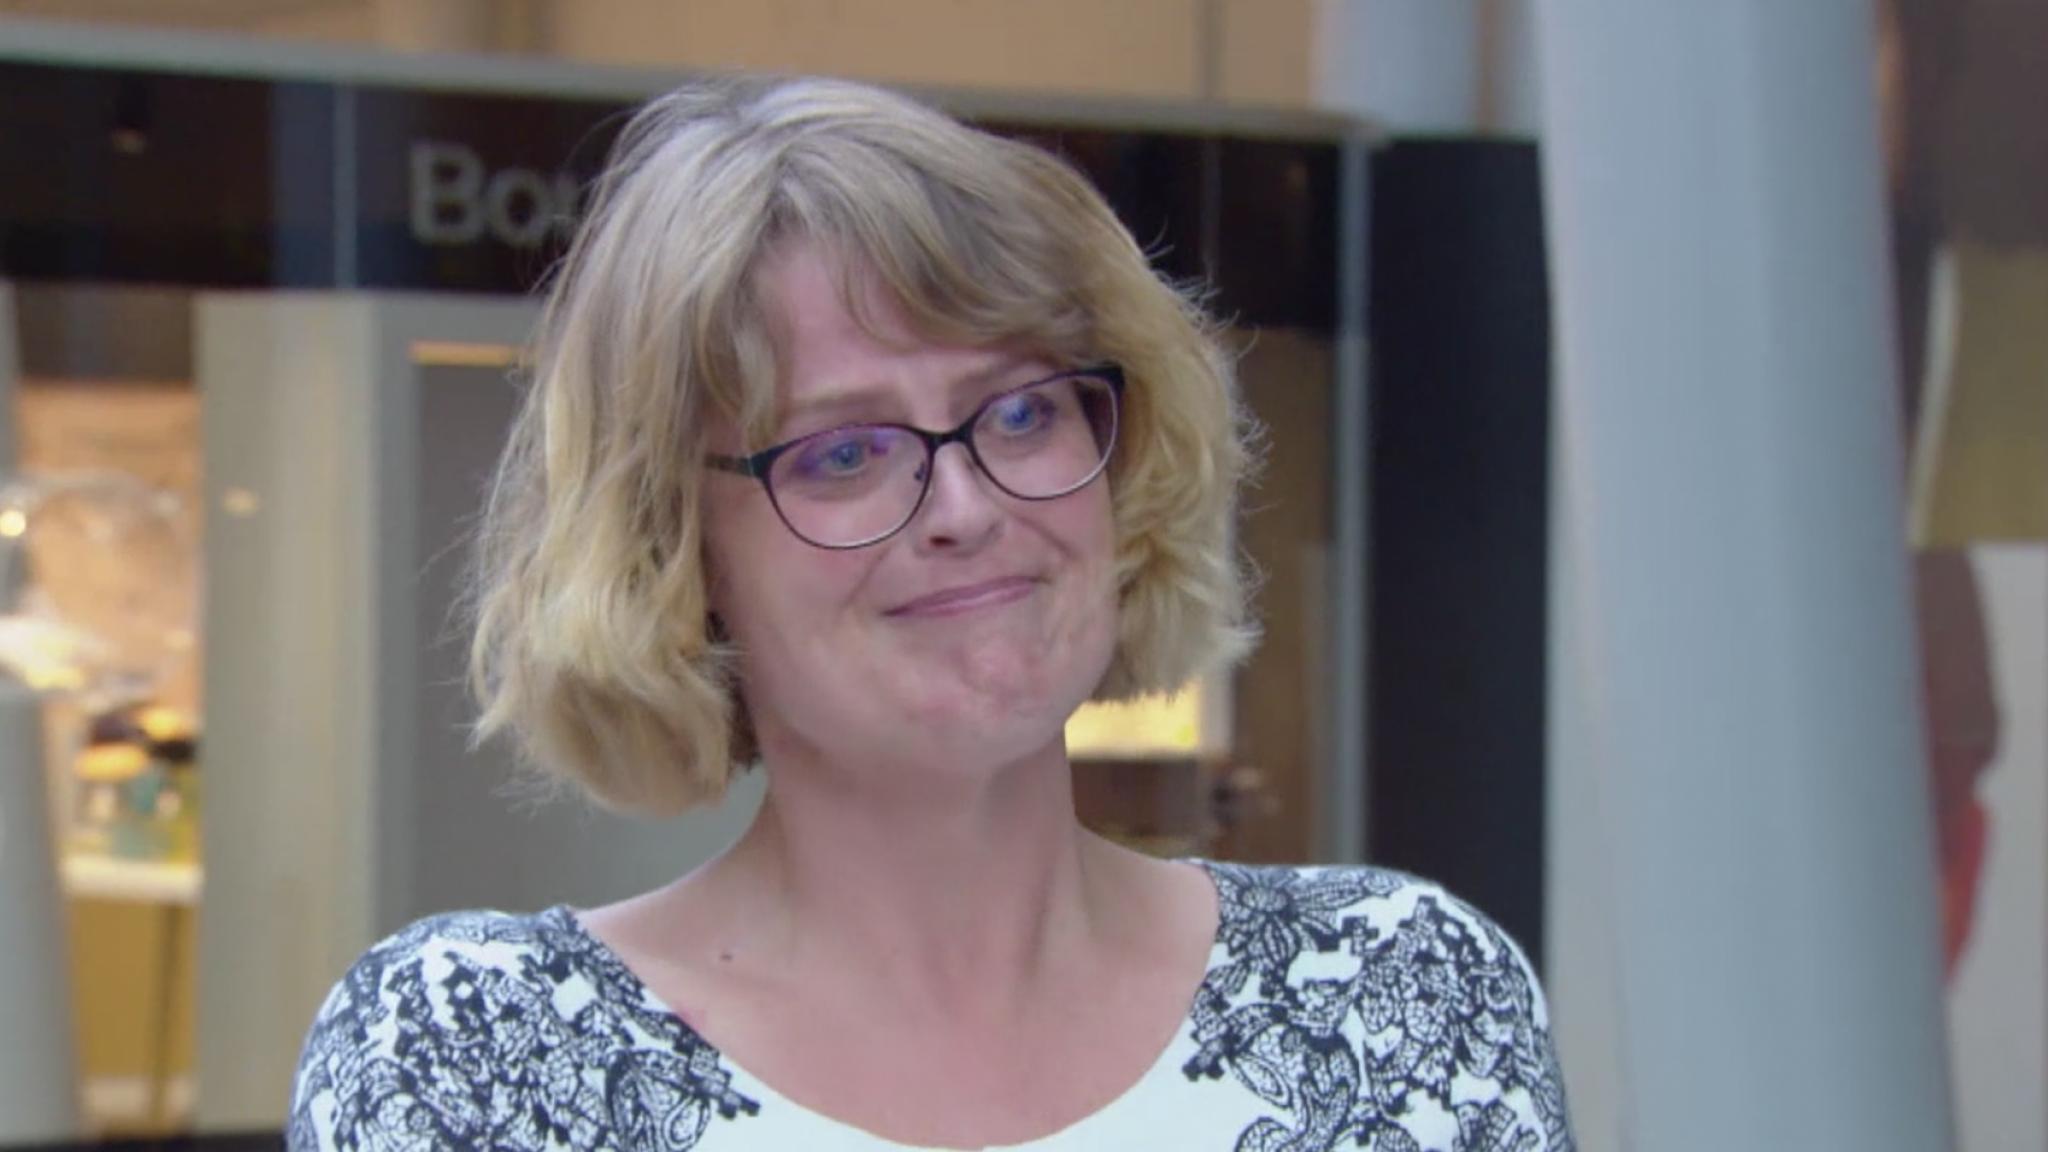 Dankbare Mariska ontroerd door alle hulp in Uitstel van Executie - RTL Nieuws